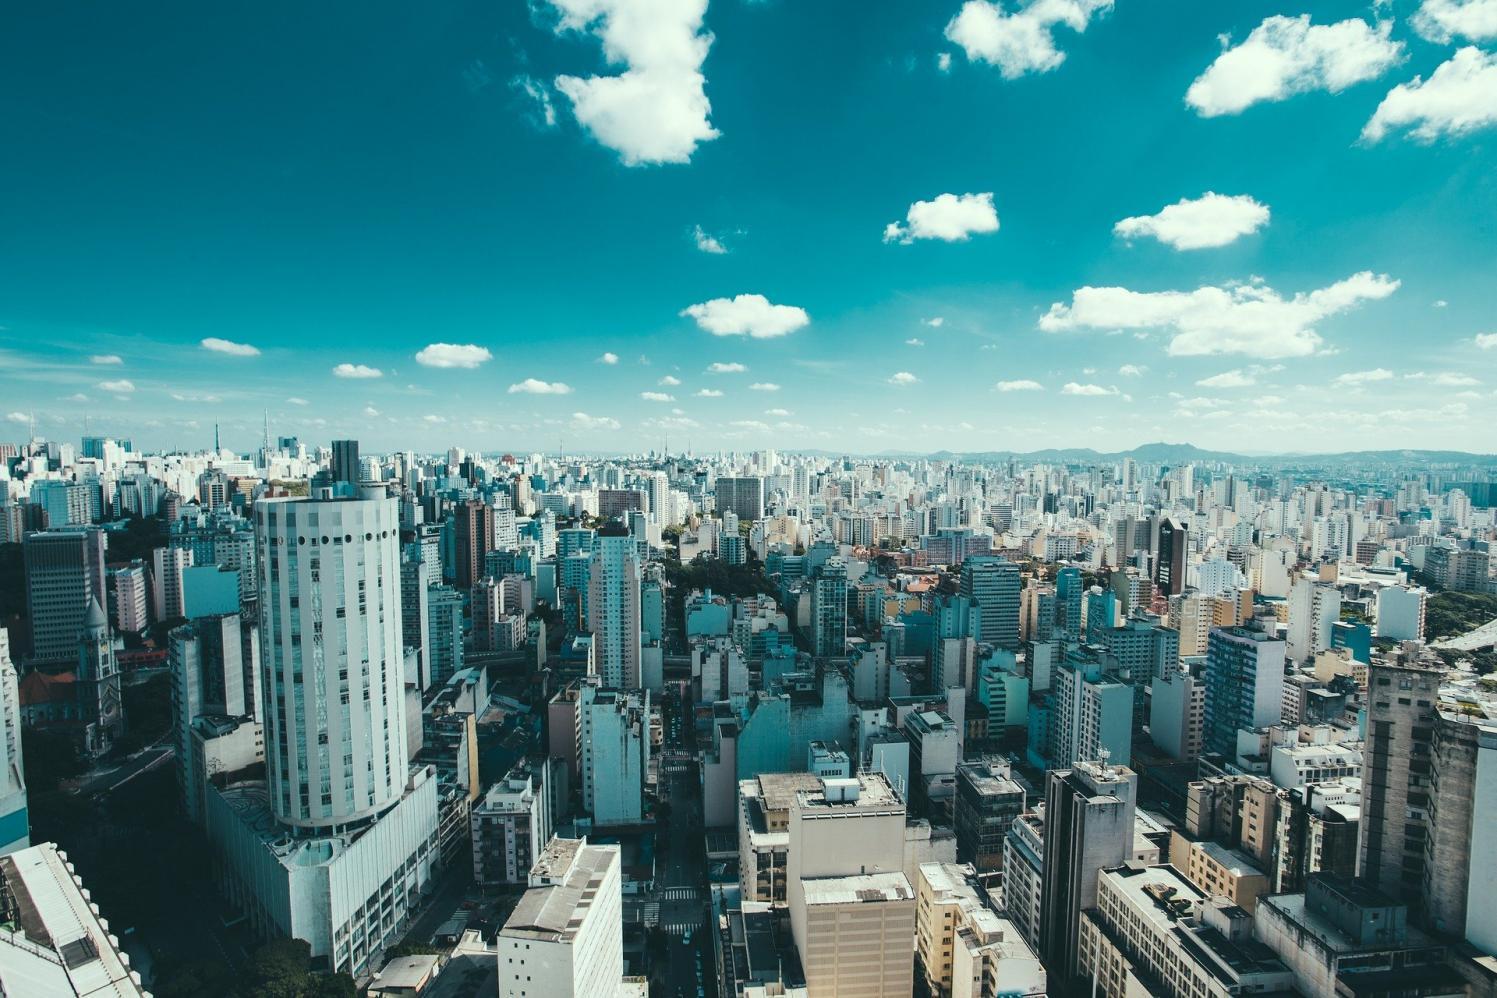 Isolamento social em São Paulo é de 55%, aponta Sistema de Monitoramento Inteligente